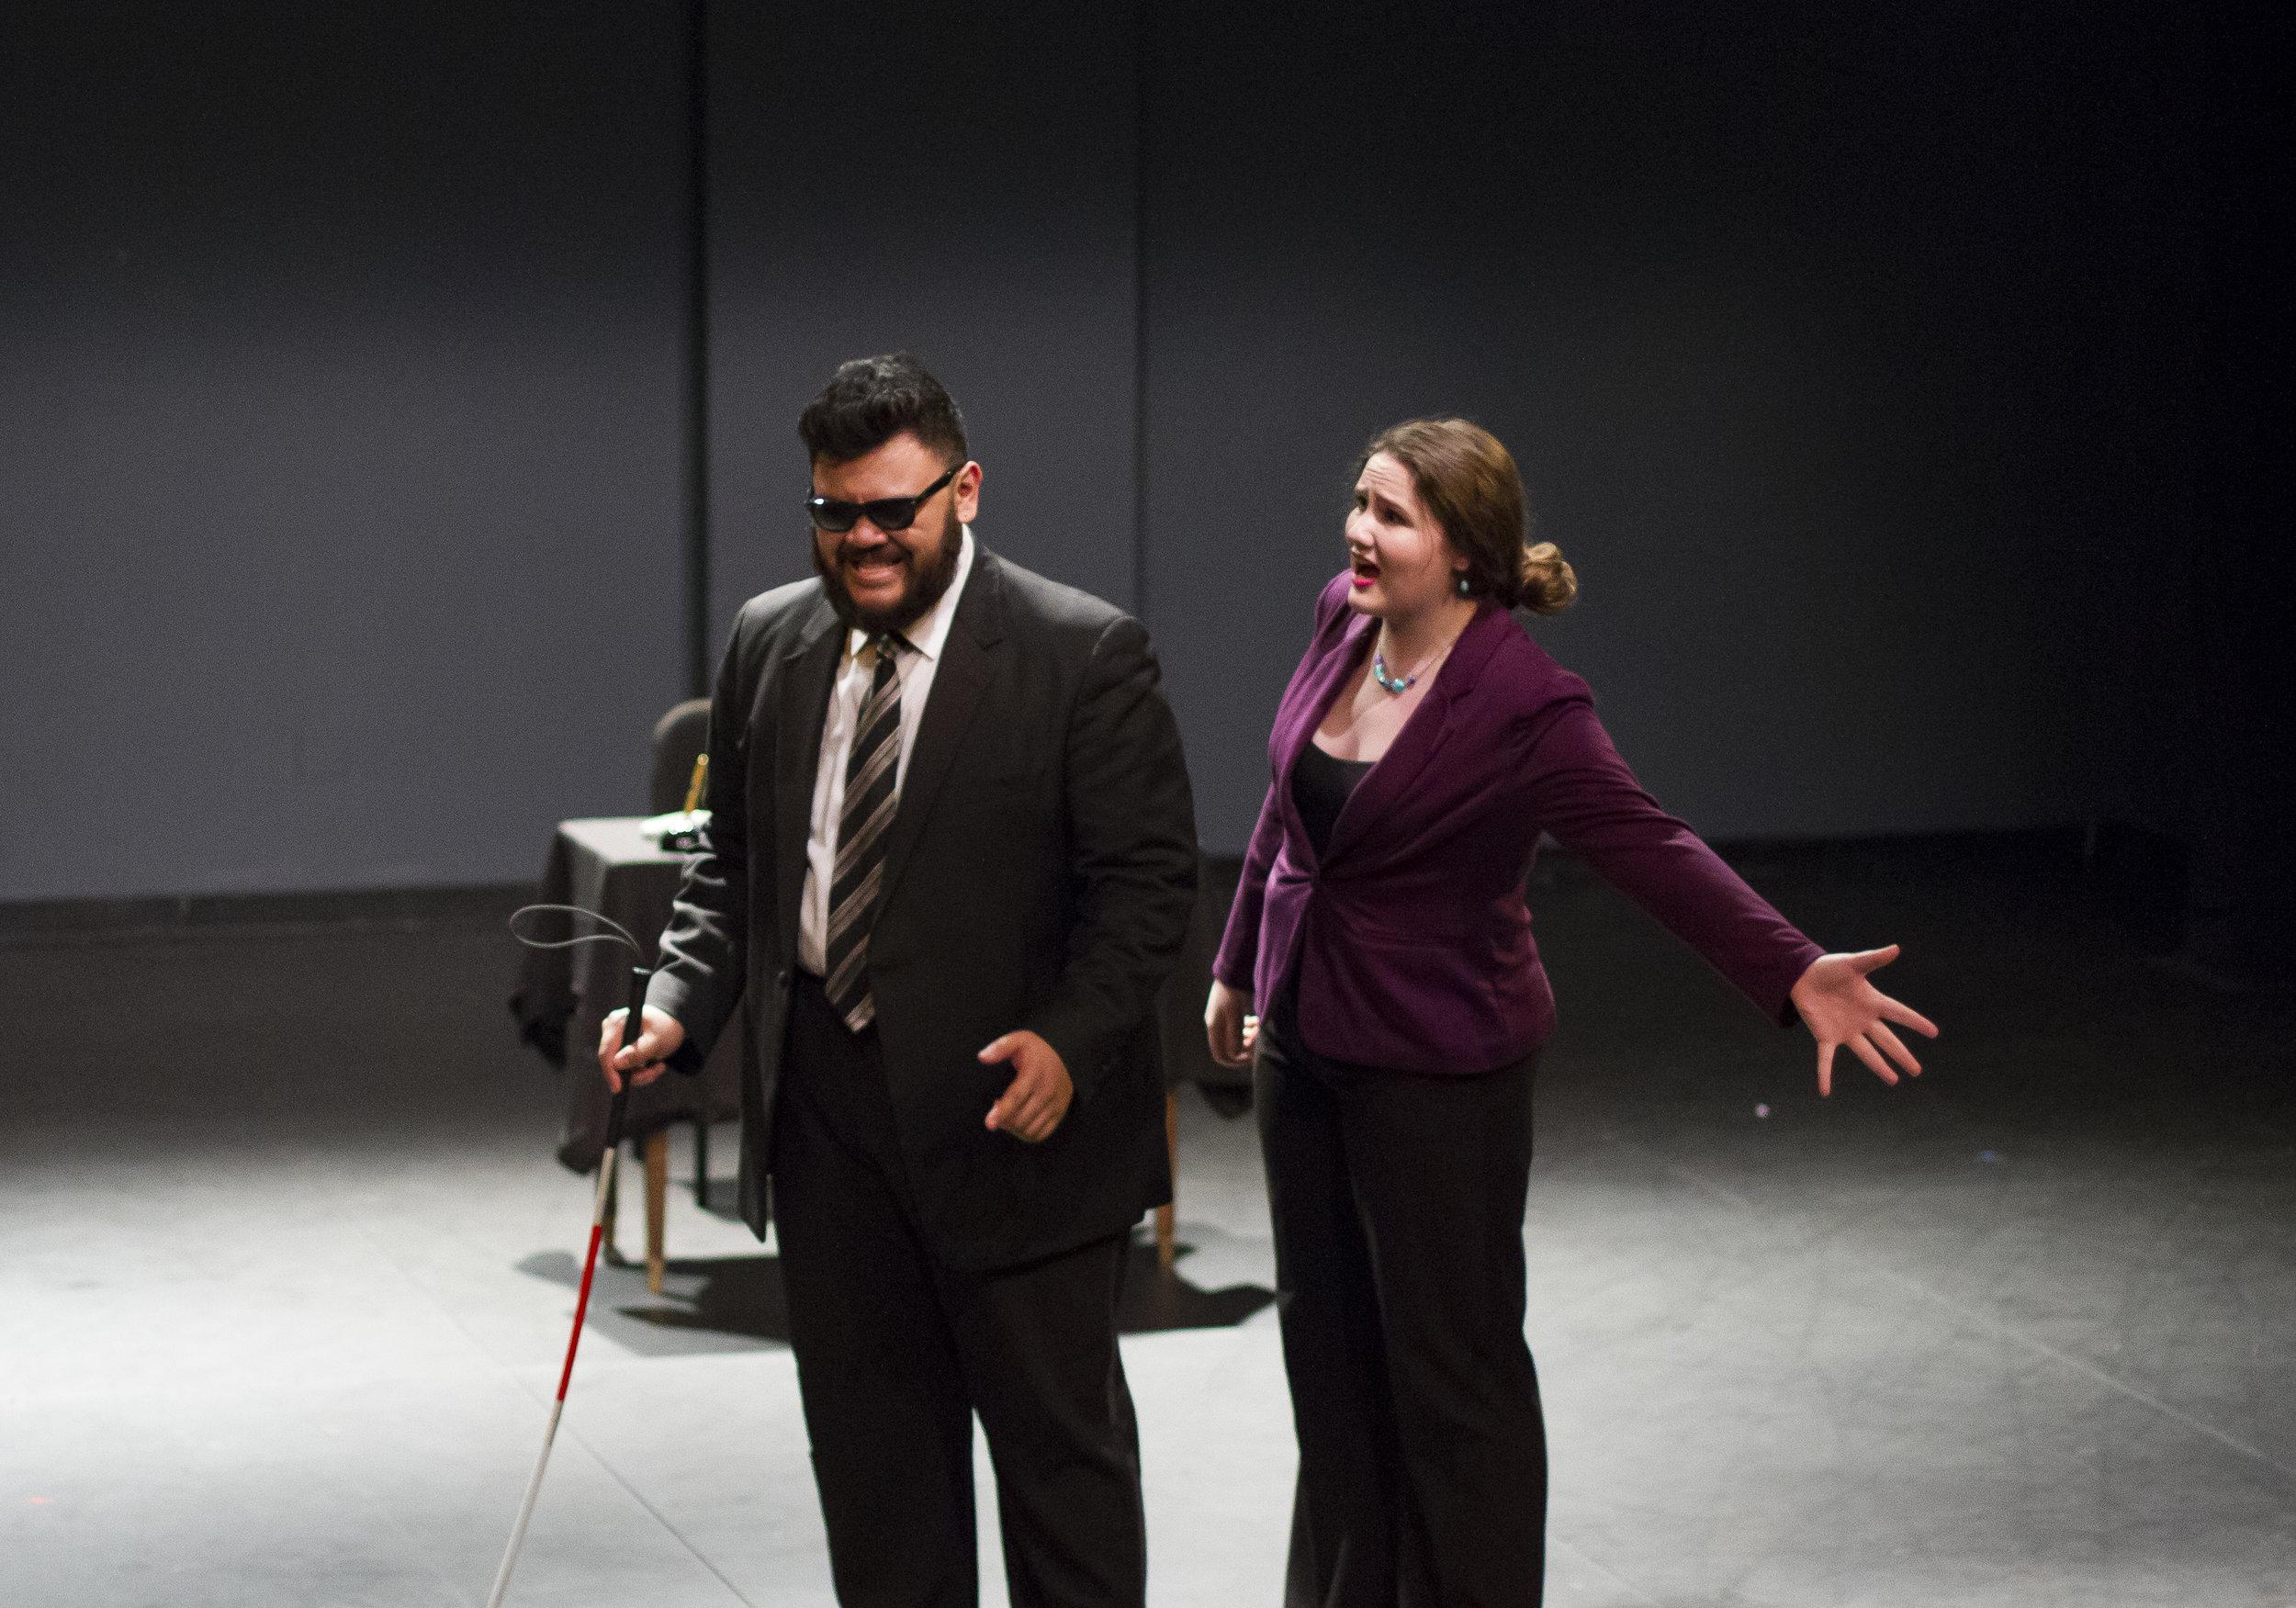 Mike Lala Joshua Getman Oedipus in the District Juilliard 2018 5.jpg